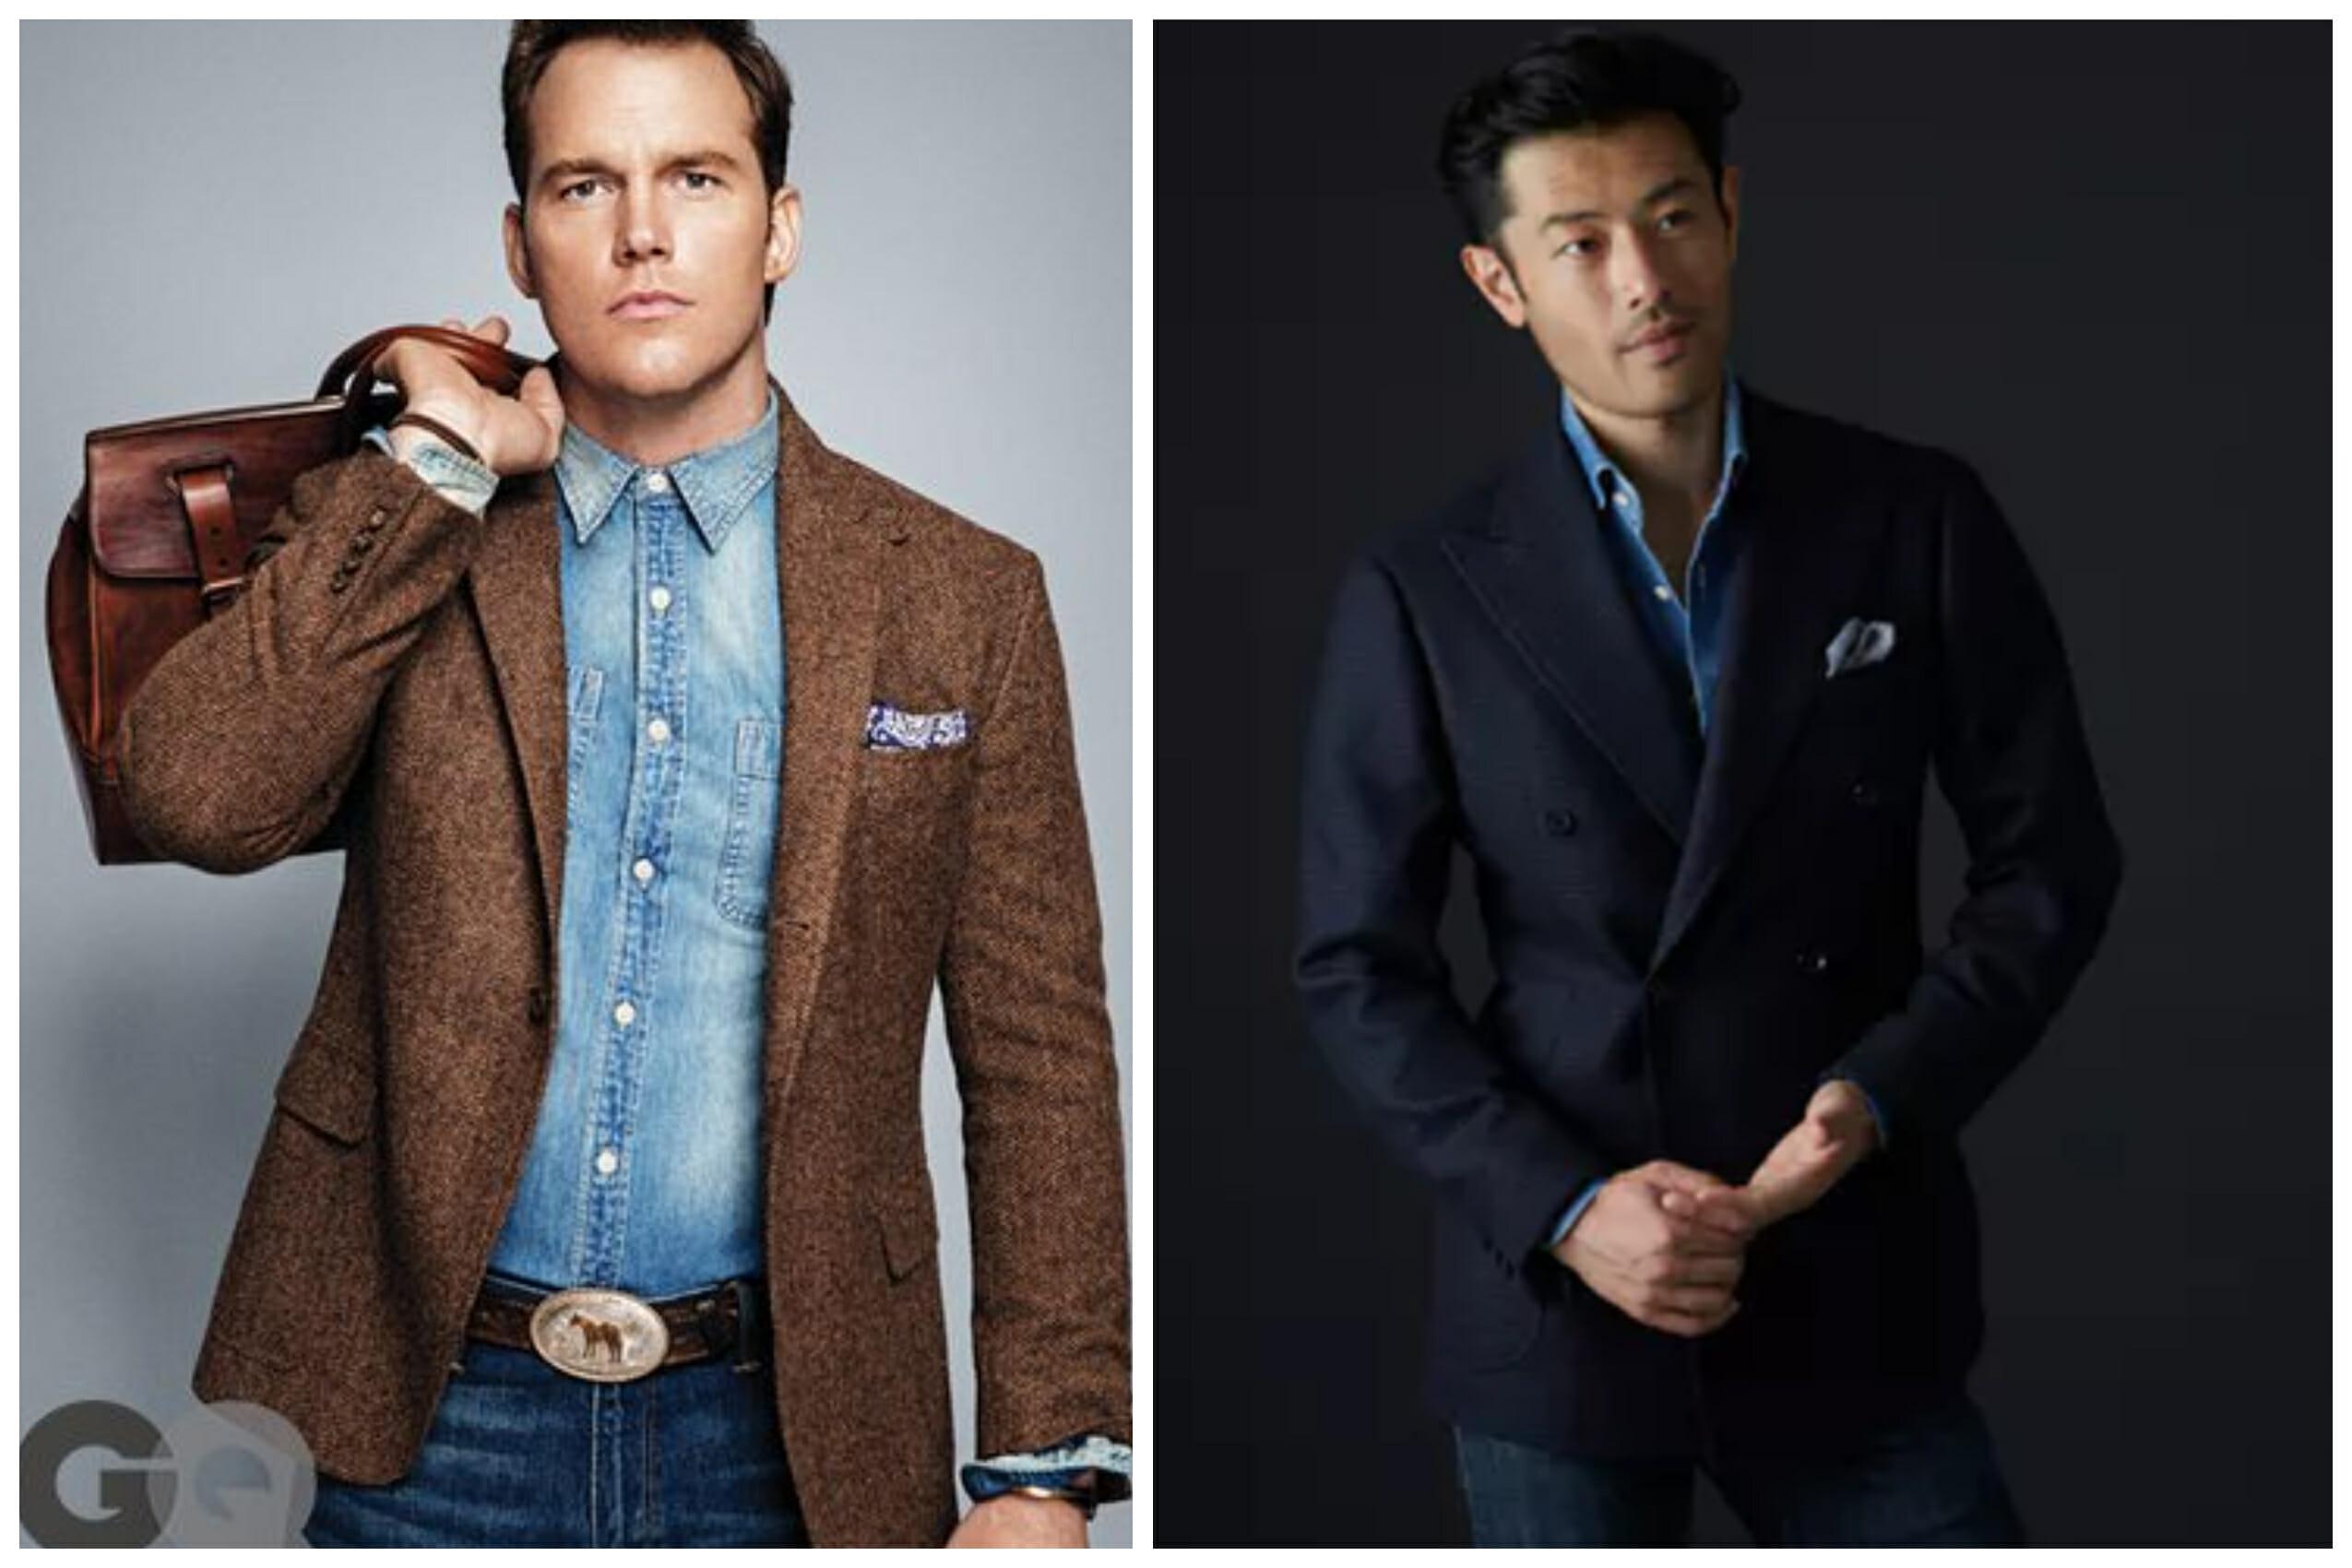 denim shirt with a suit jacket